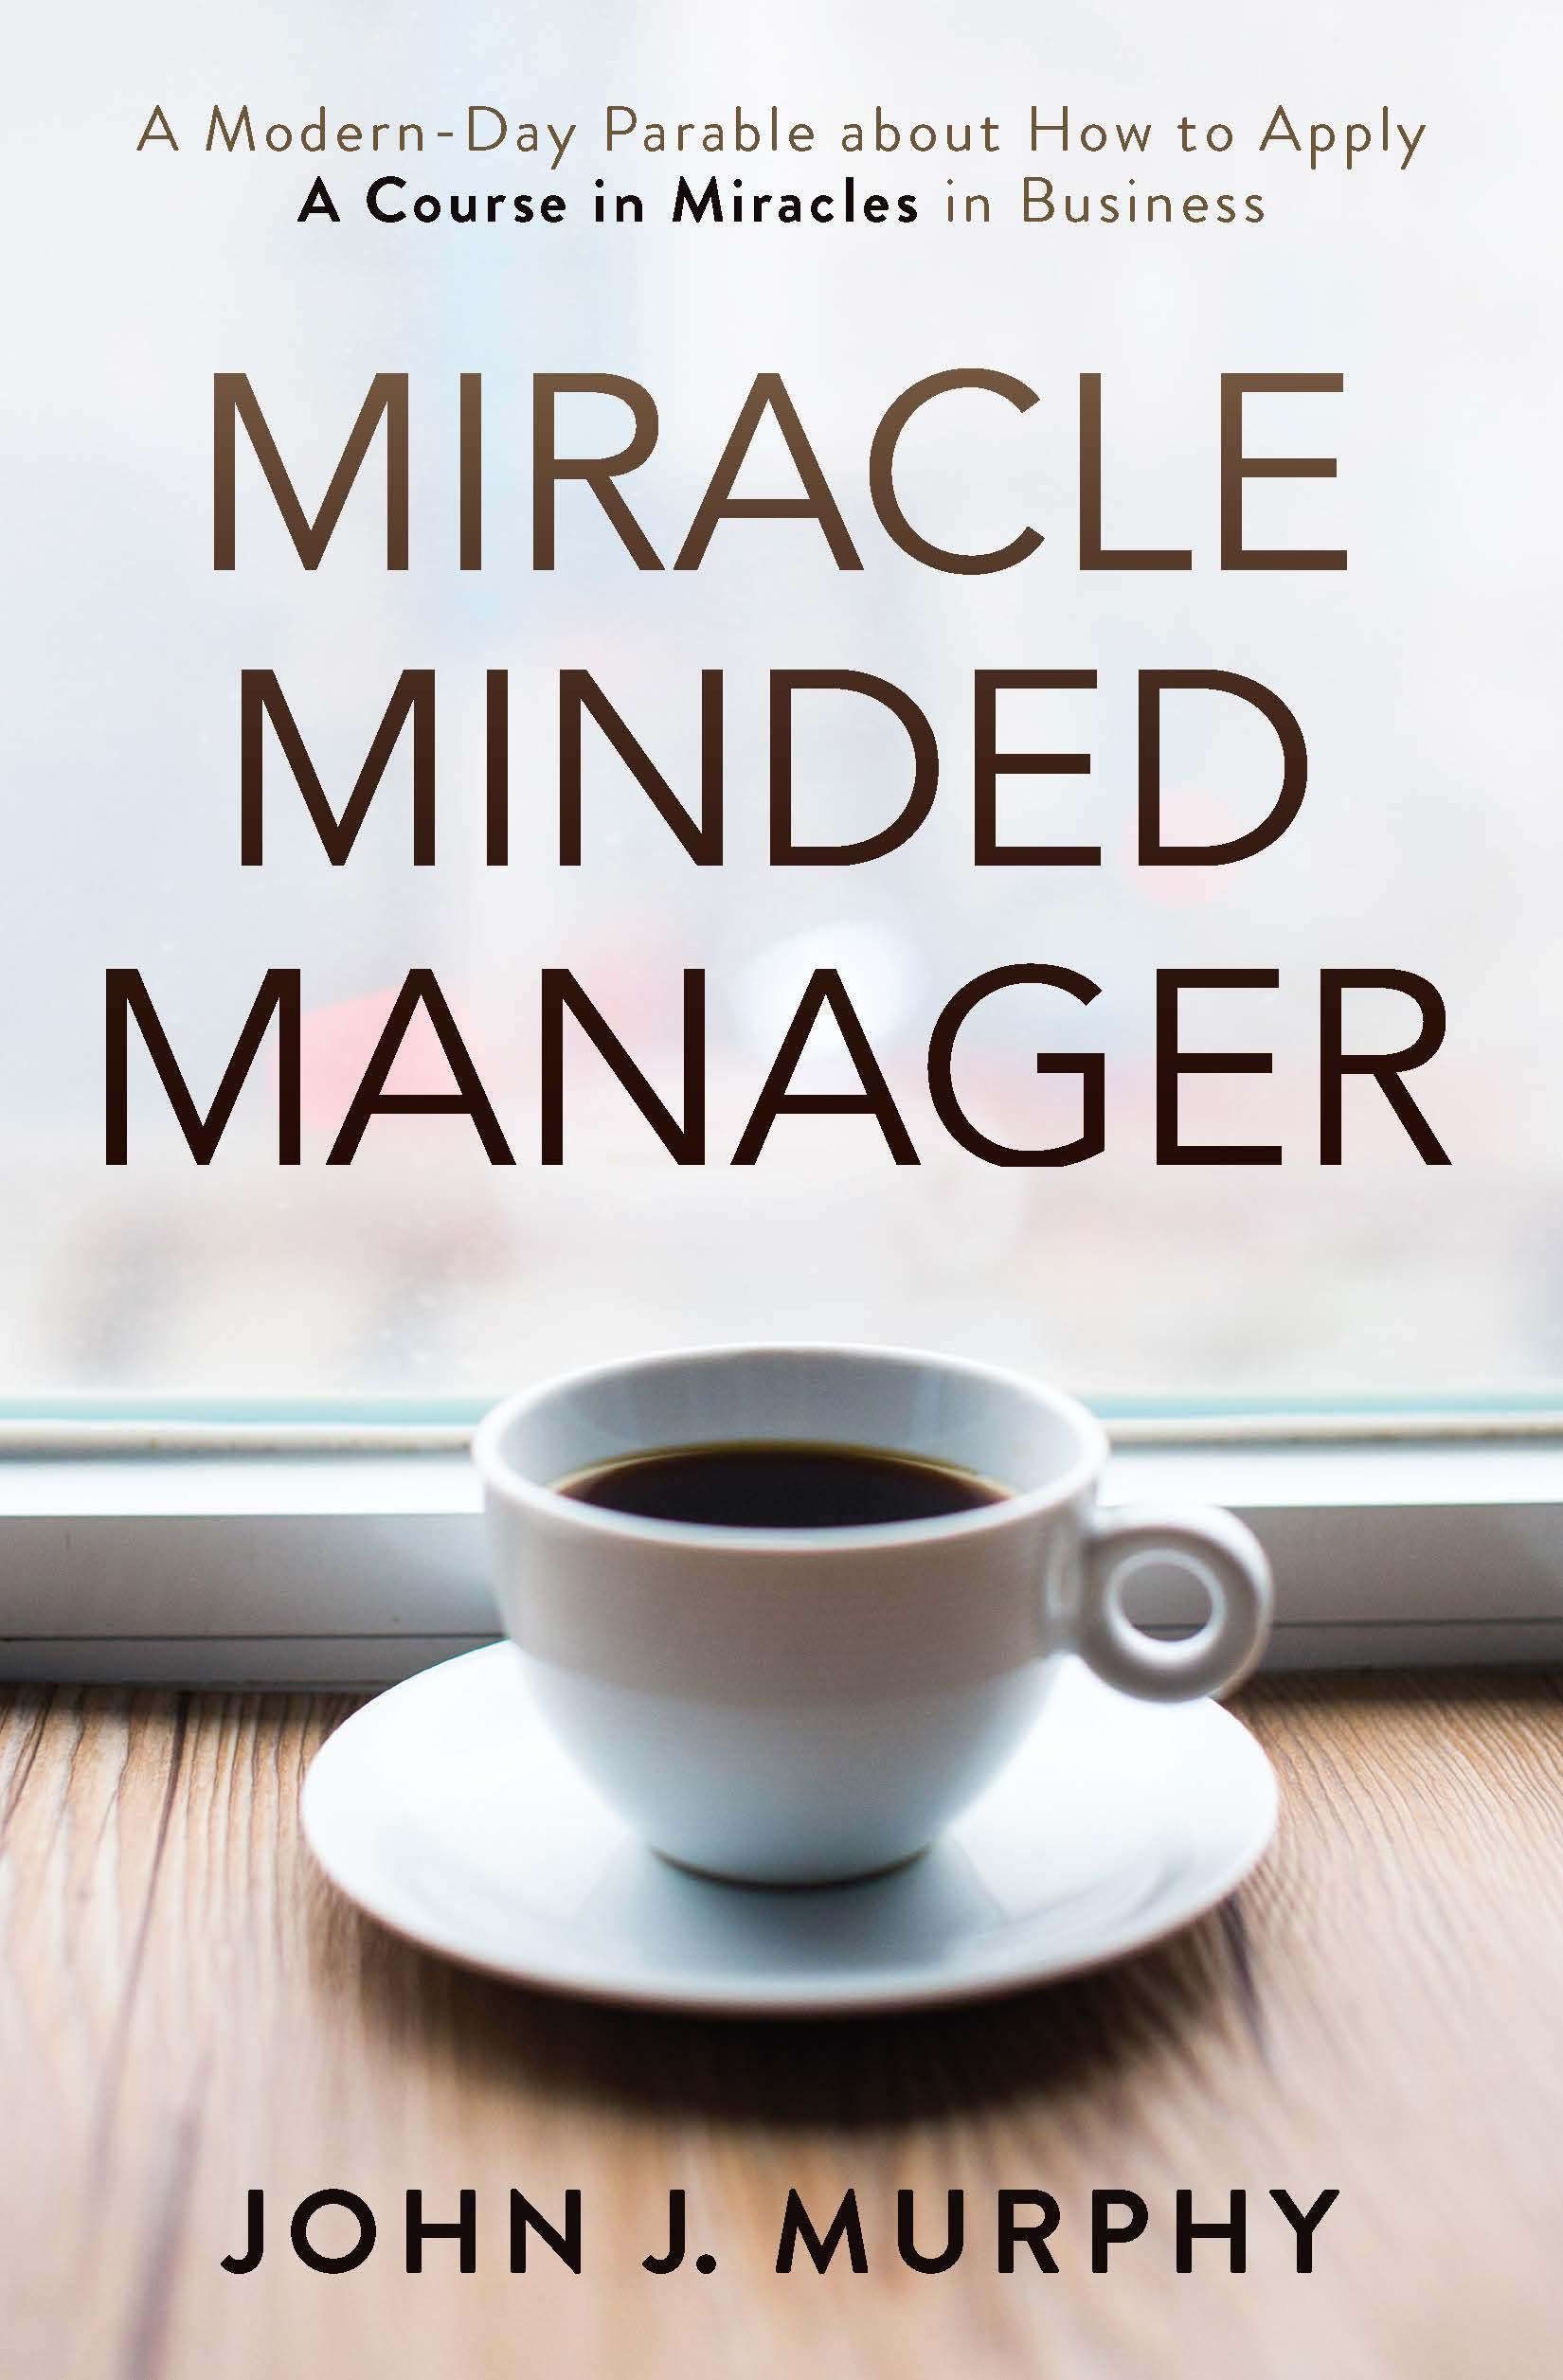 MiracleMindedManager